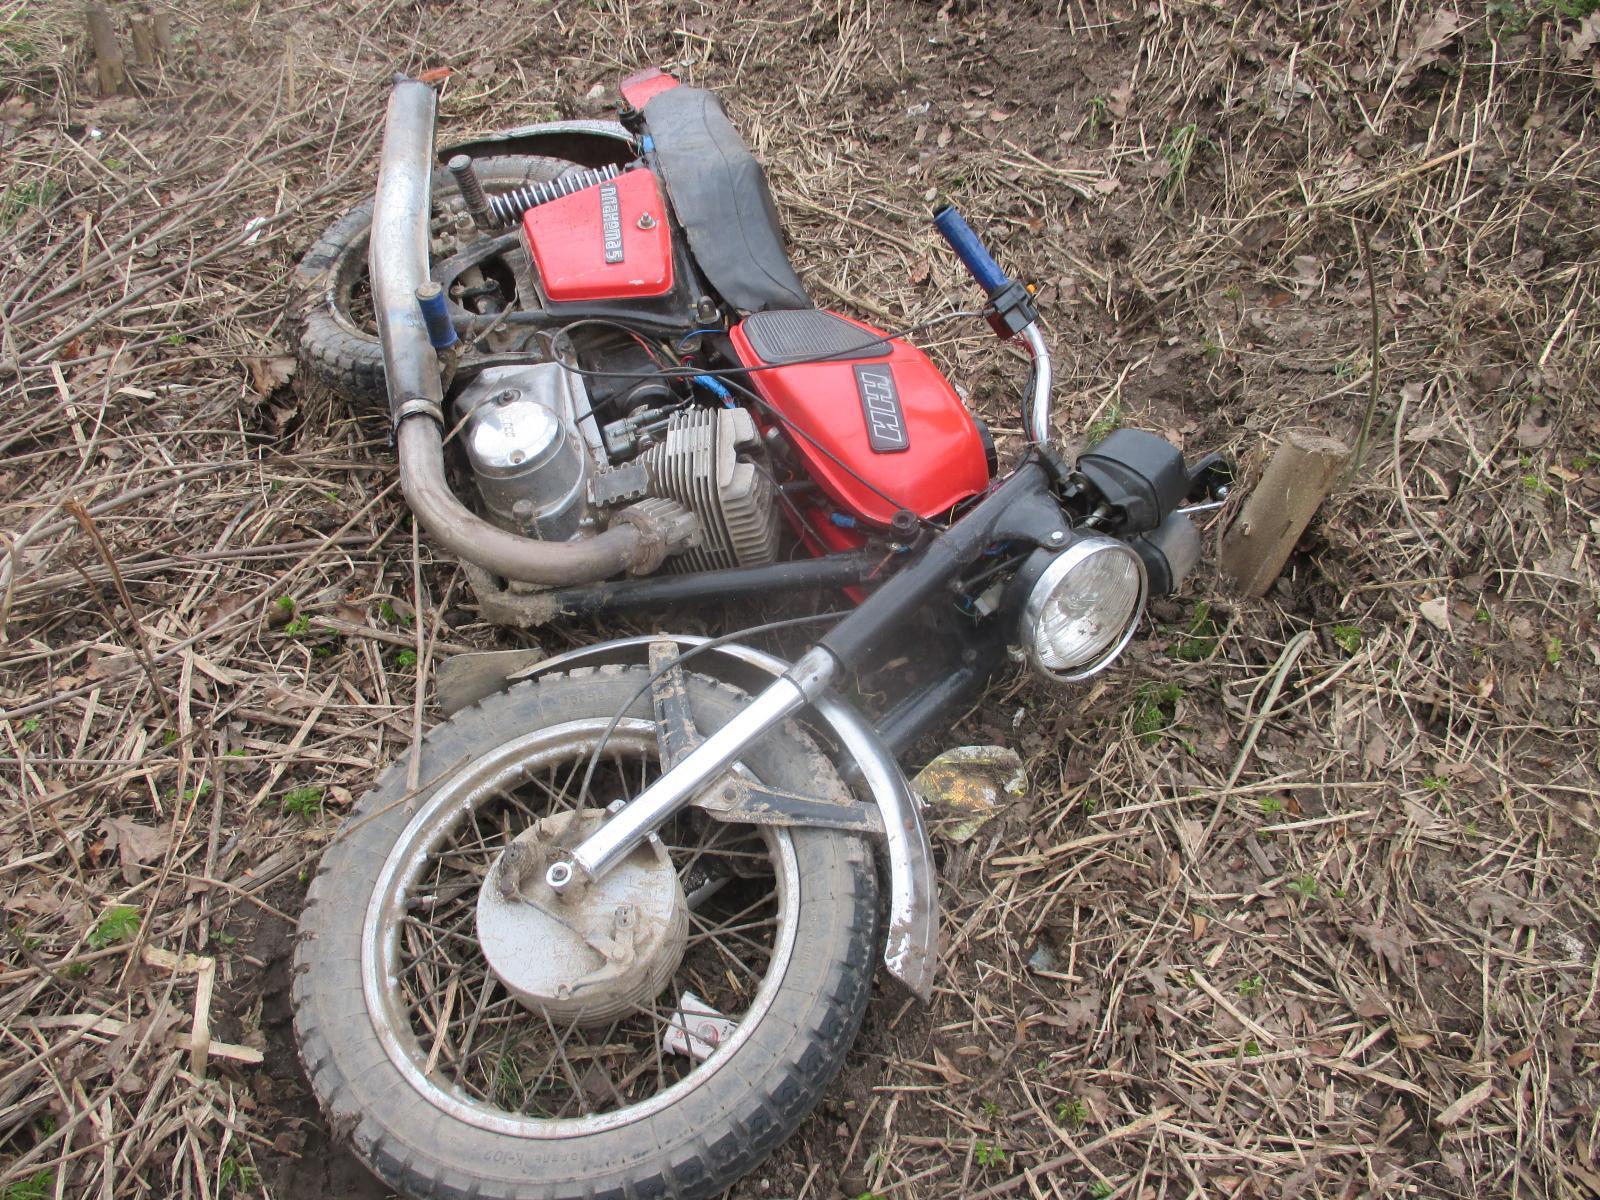 В Ярославской области мотоциклист без прав наехал на пожилую женщину